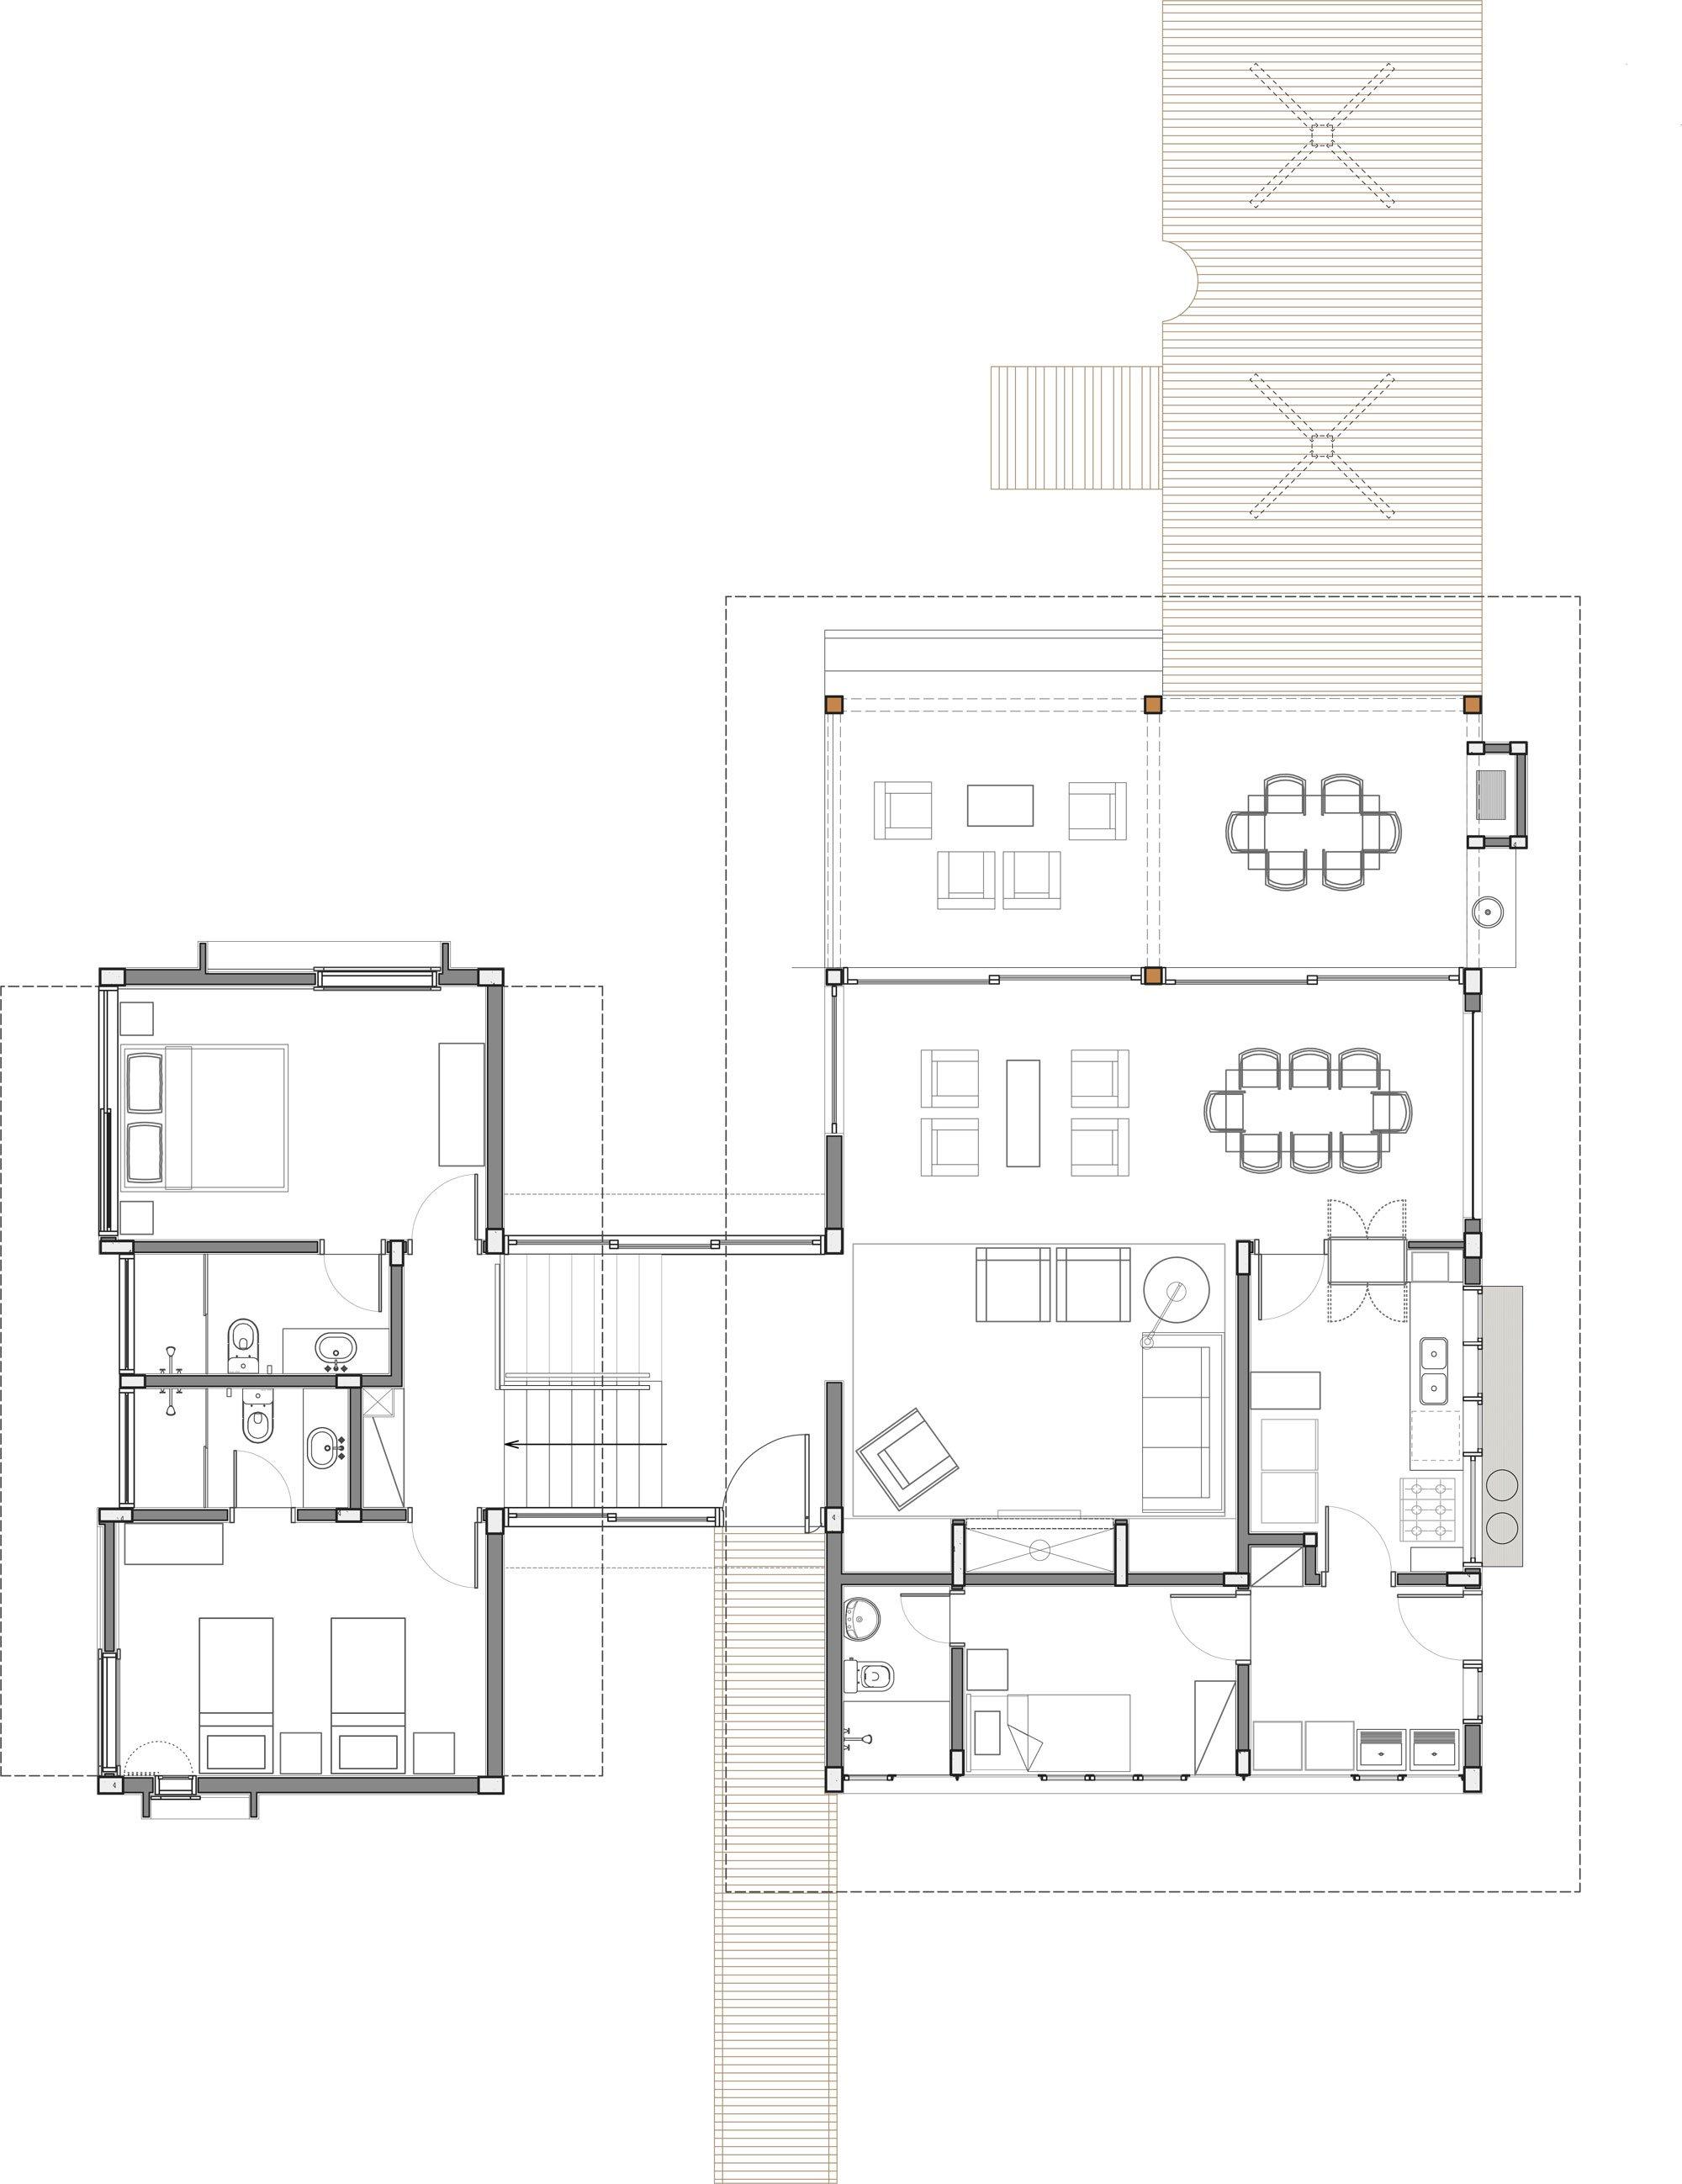 Hermosa fachada de casa de campo moderna planos de for Planos de casas de campo